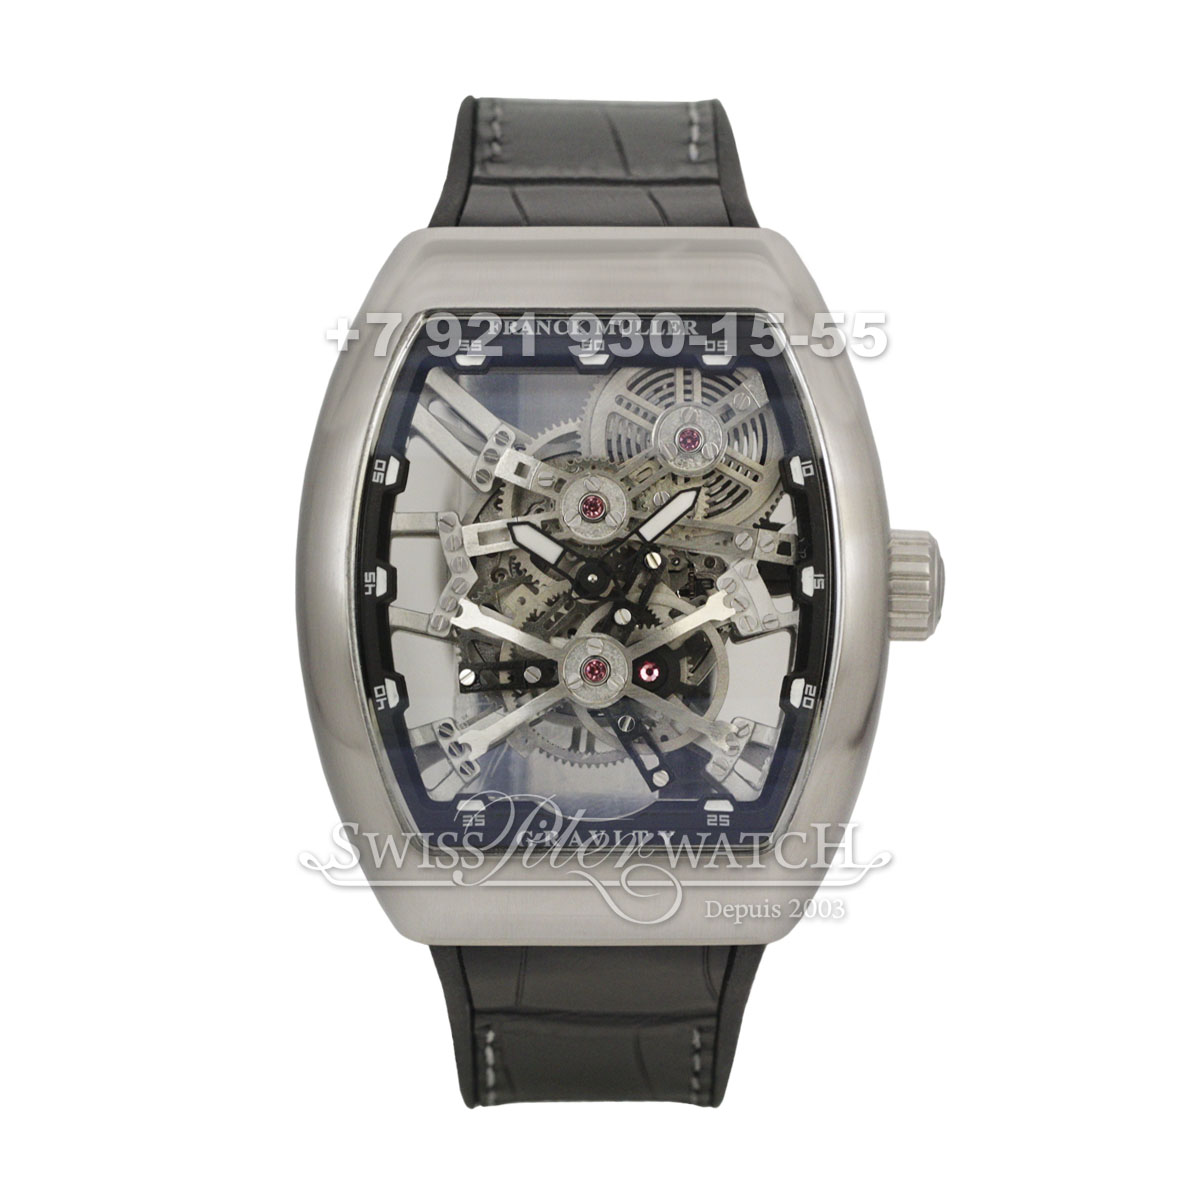 14210fea Купить Franck Muller 028.097 (копия) в интернет-магазине часов в Санкт- Петербурге